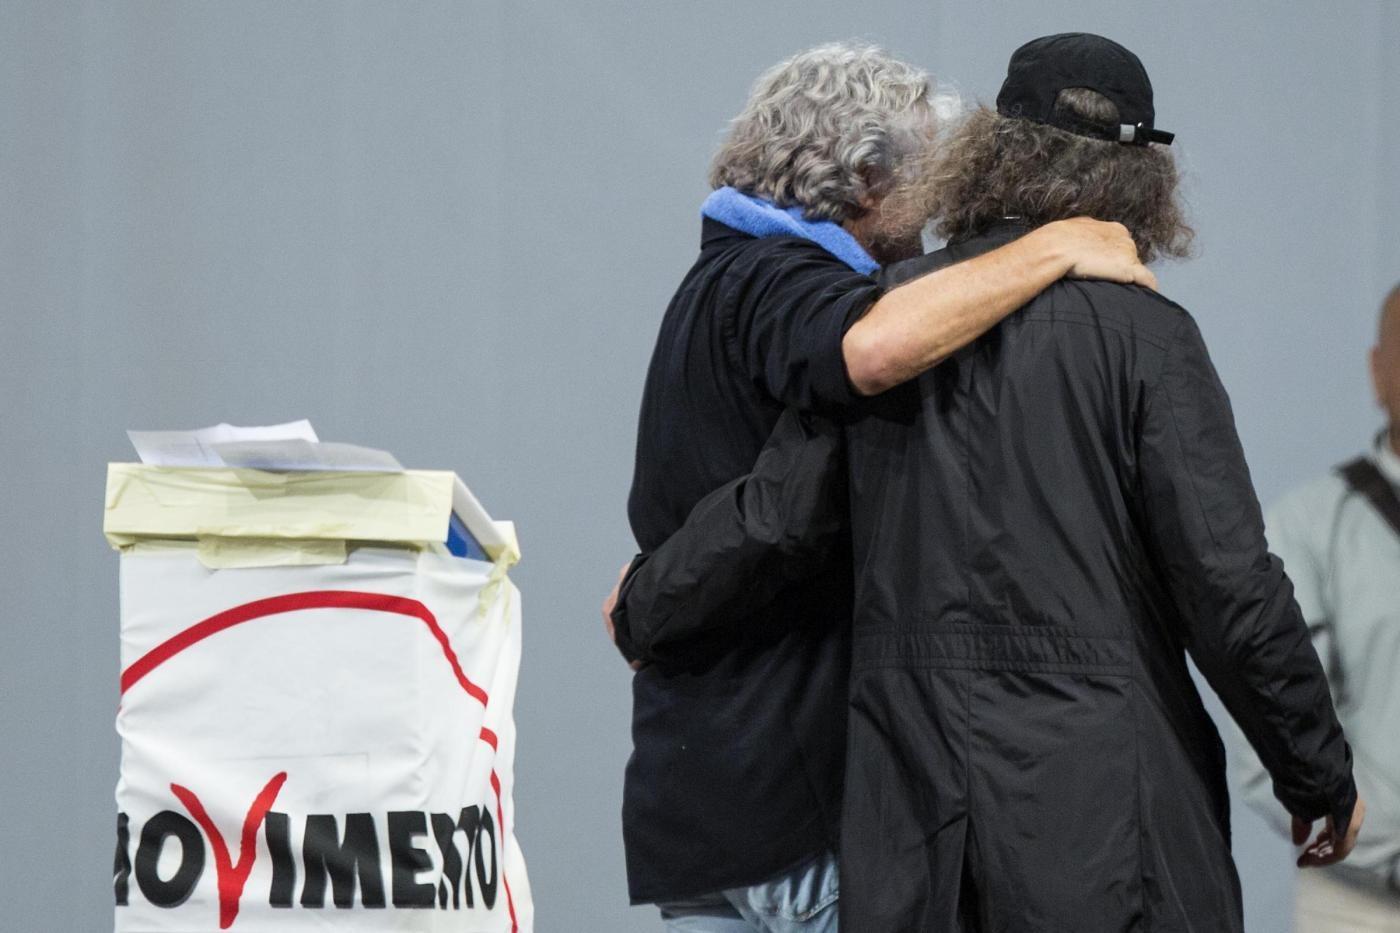 Europee: il Pd glamour di Renzi ha sconfitto i brutti e cattivi